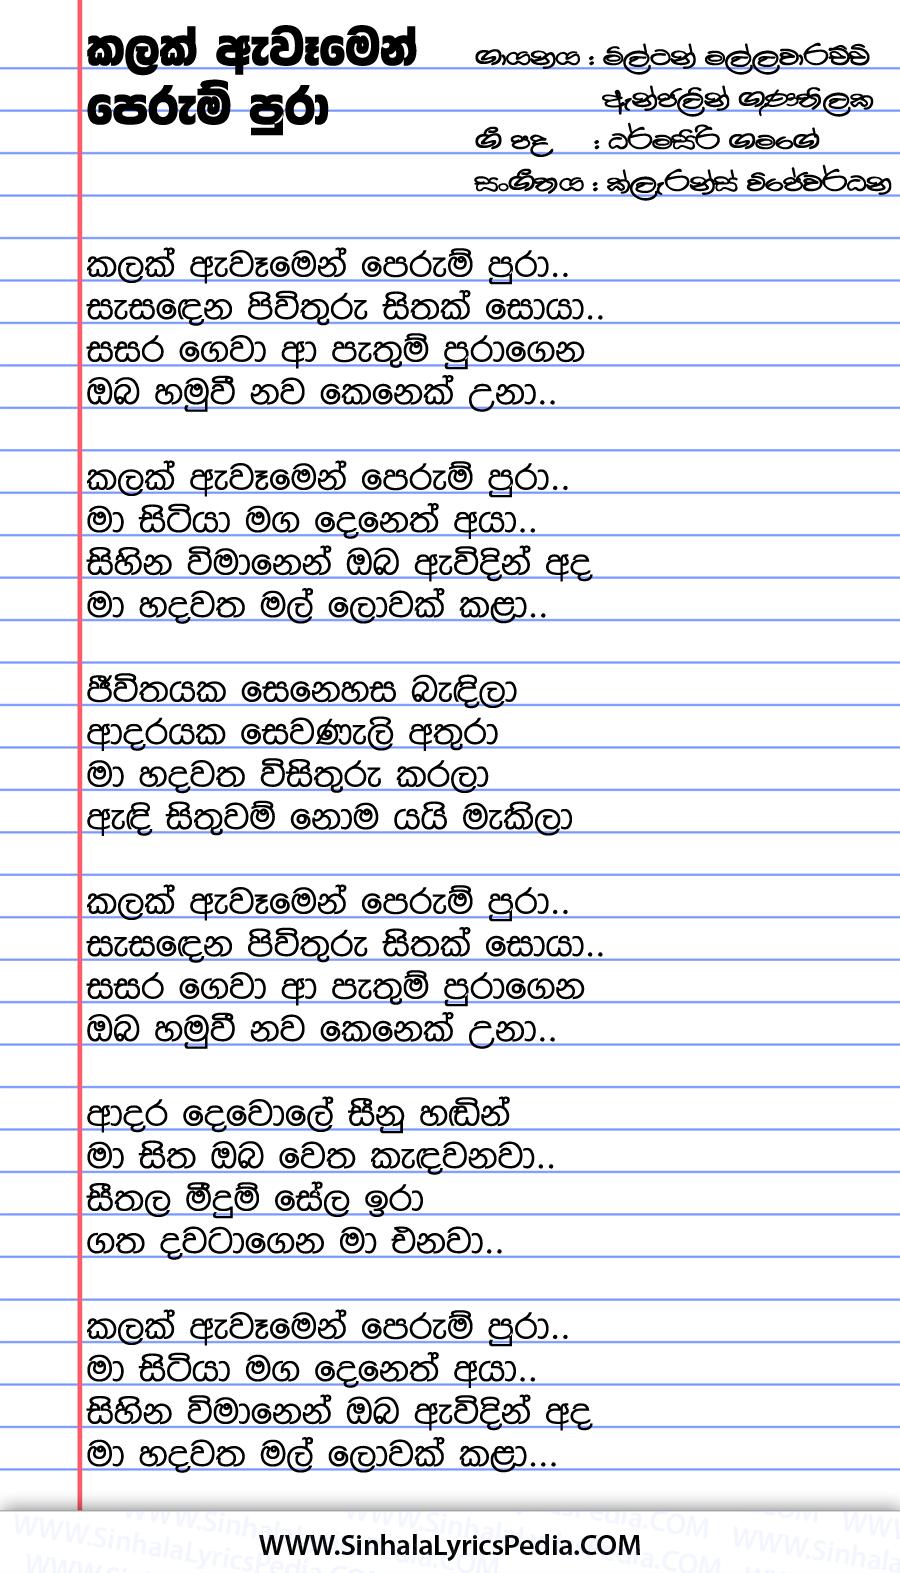 Kalak Awamen Perum Pura Song Lyrics